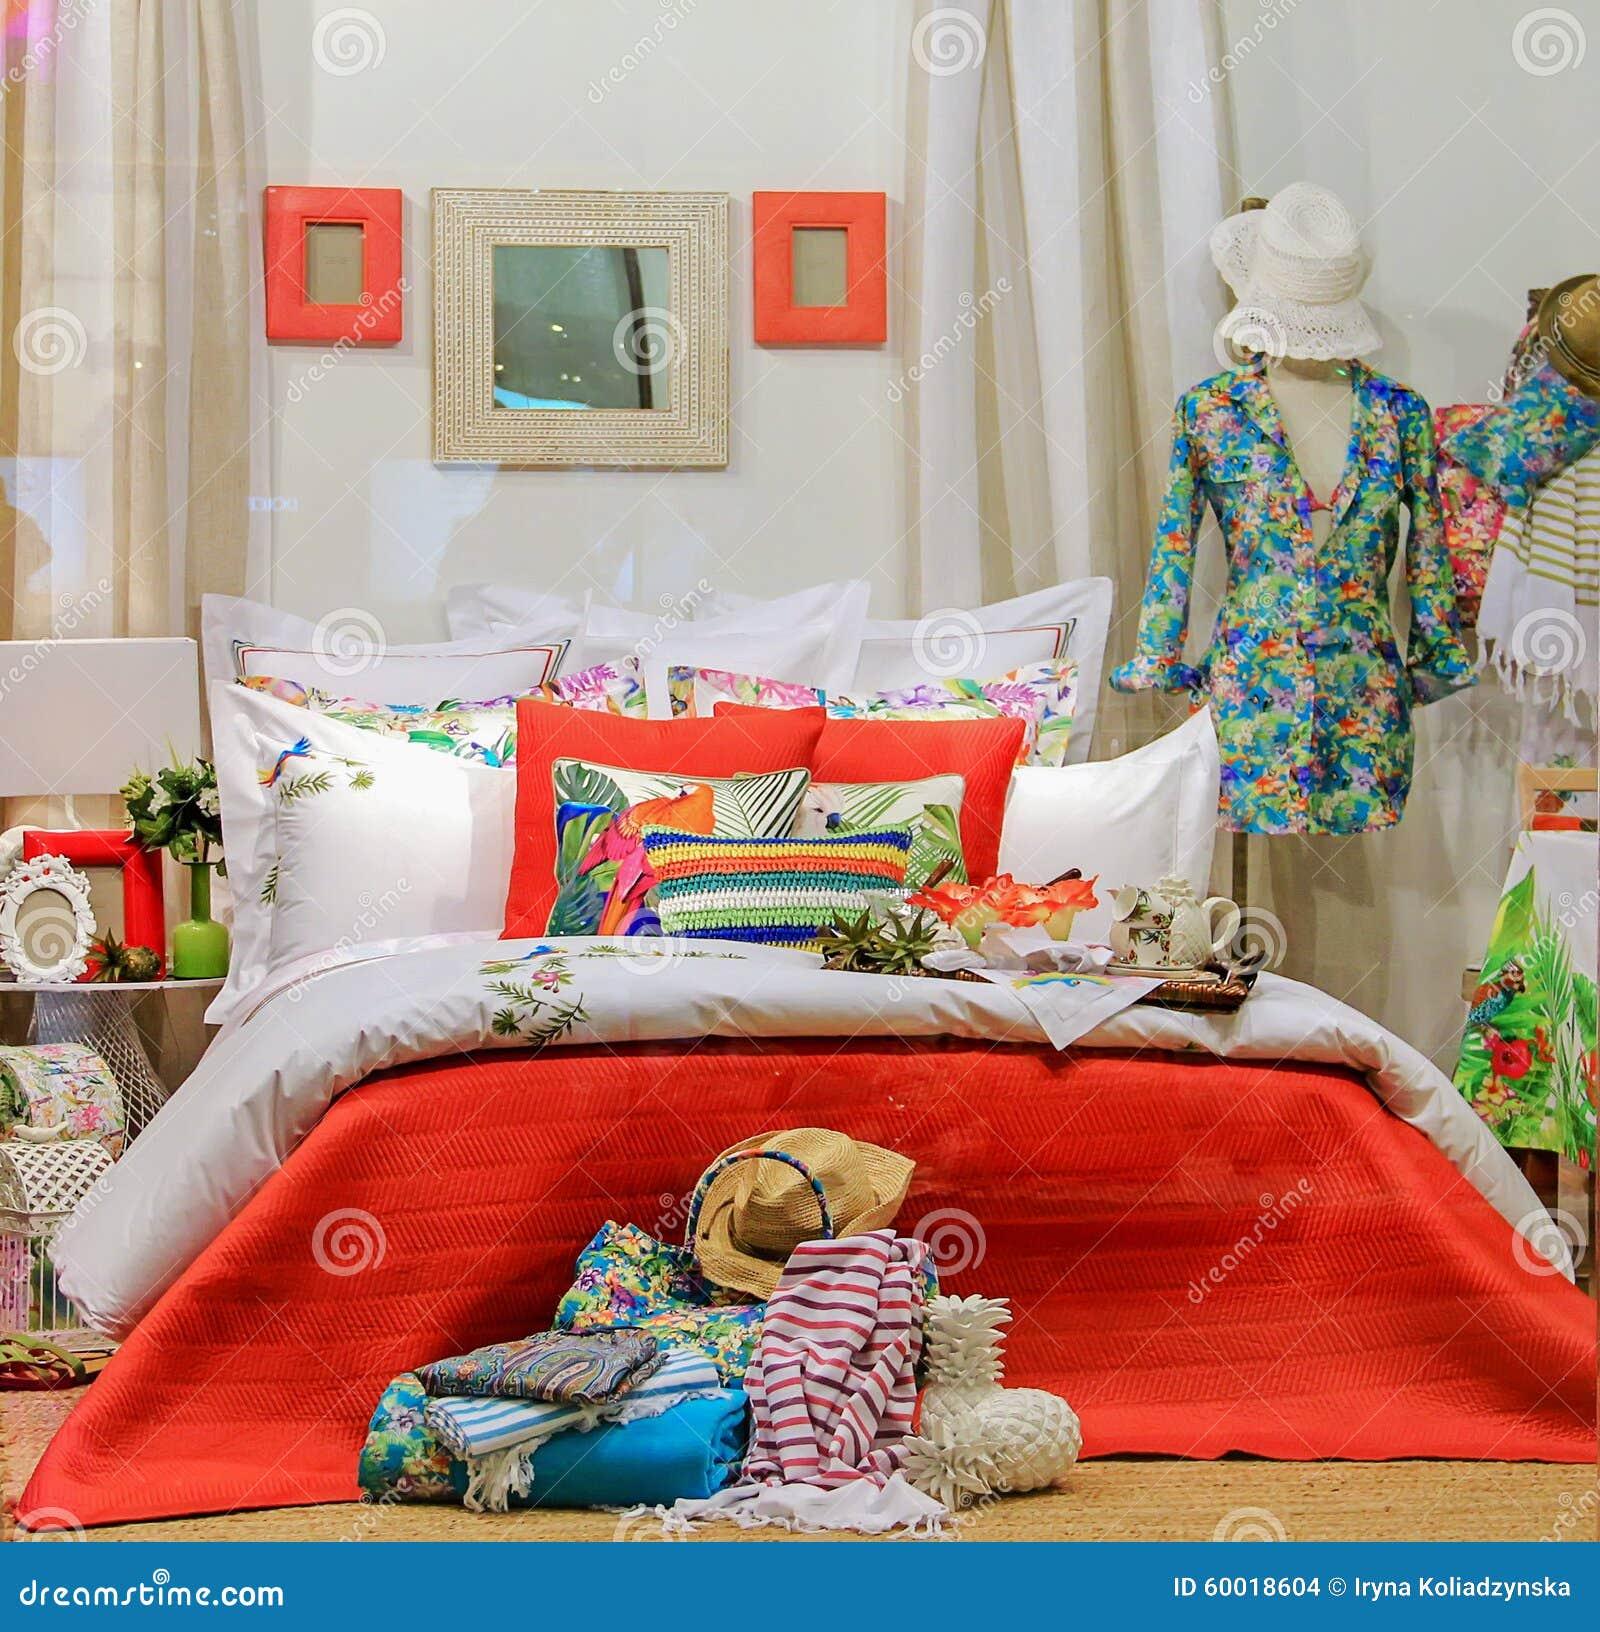 decorative interior bedroom shop window bright